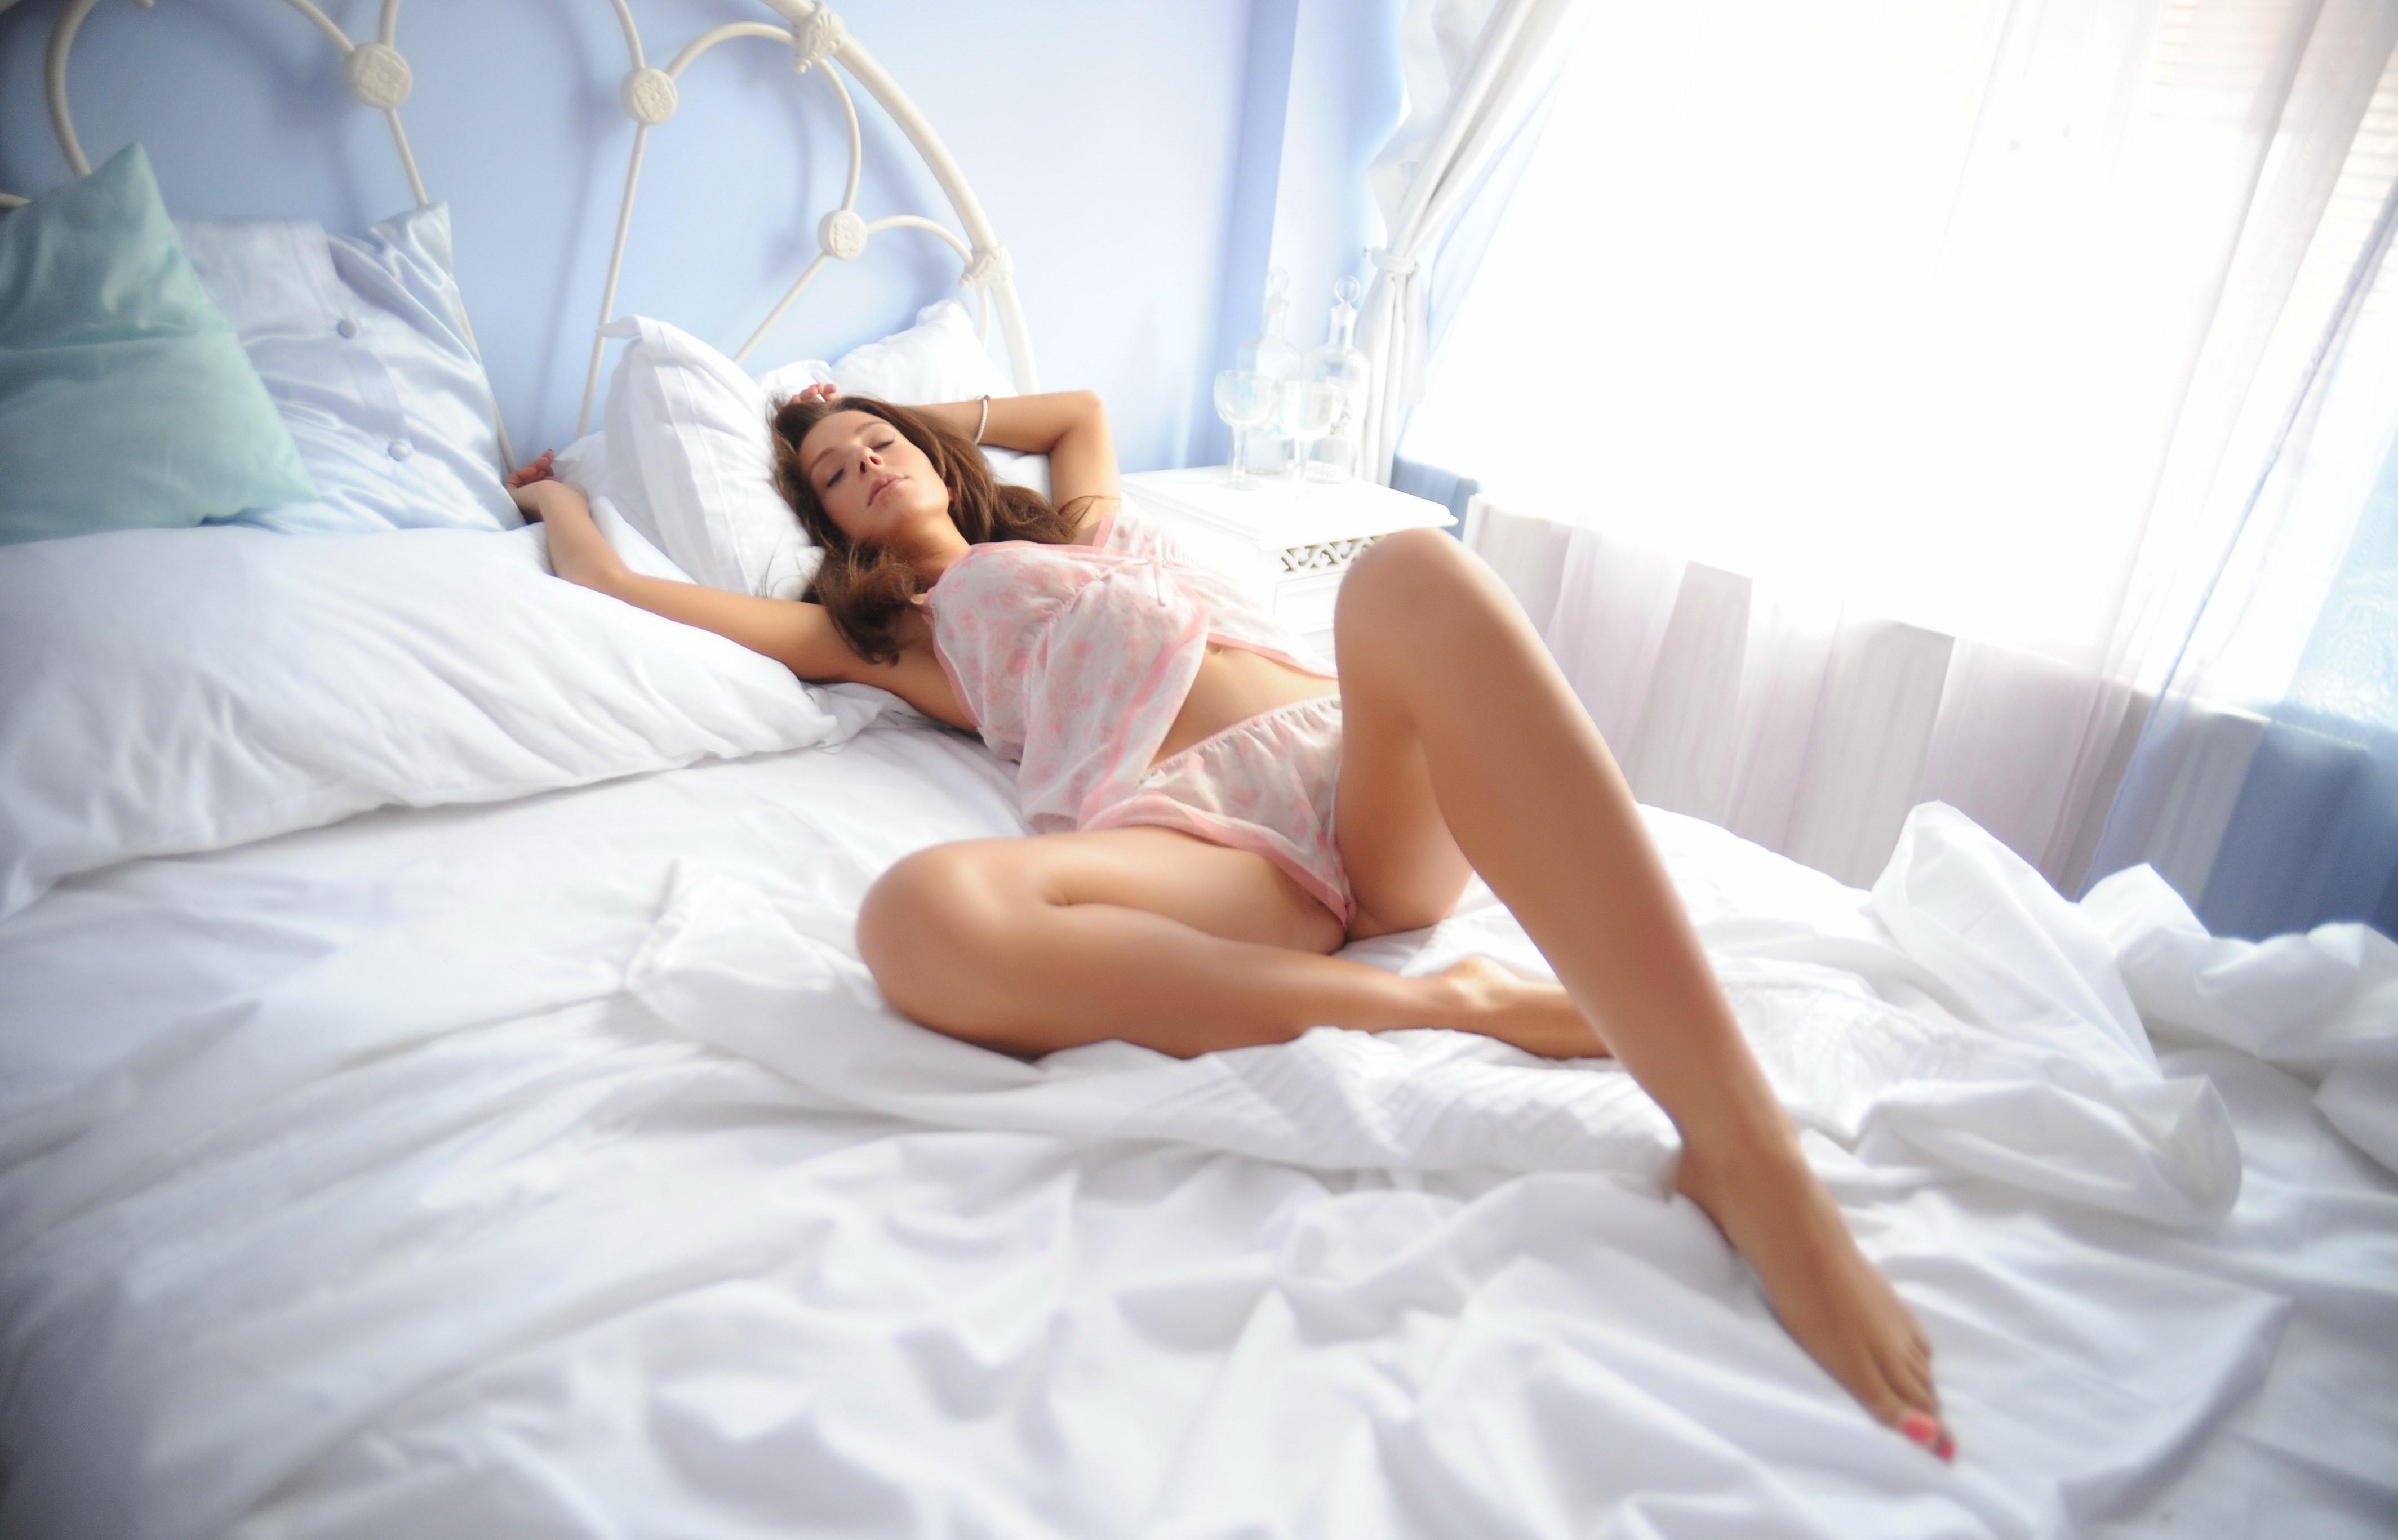 Причины эротических снов 11 фотография